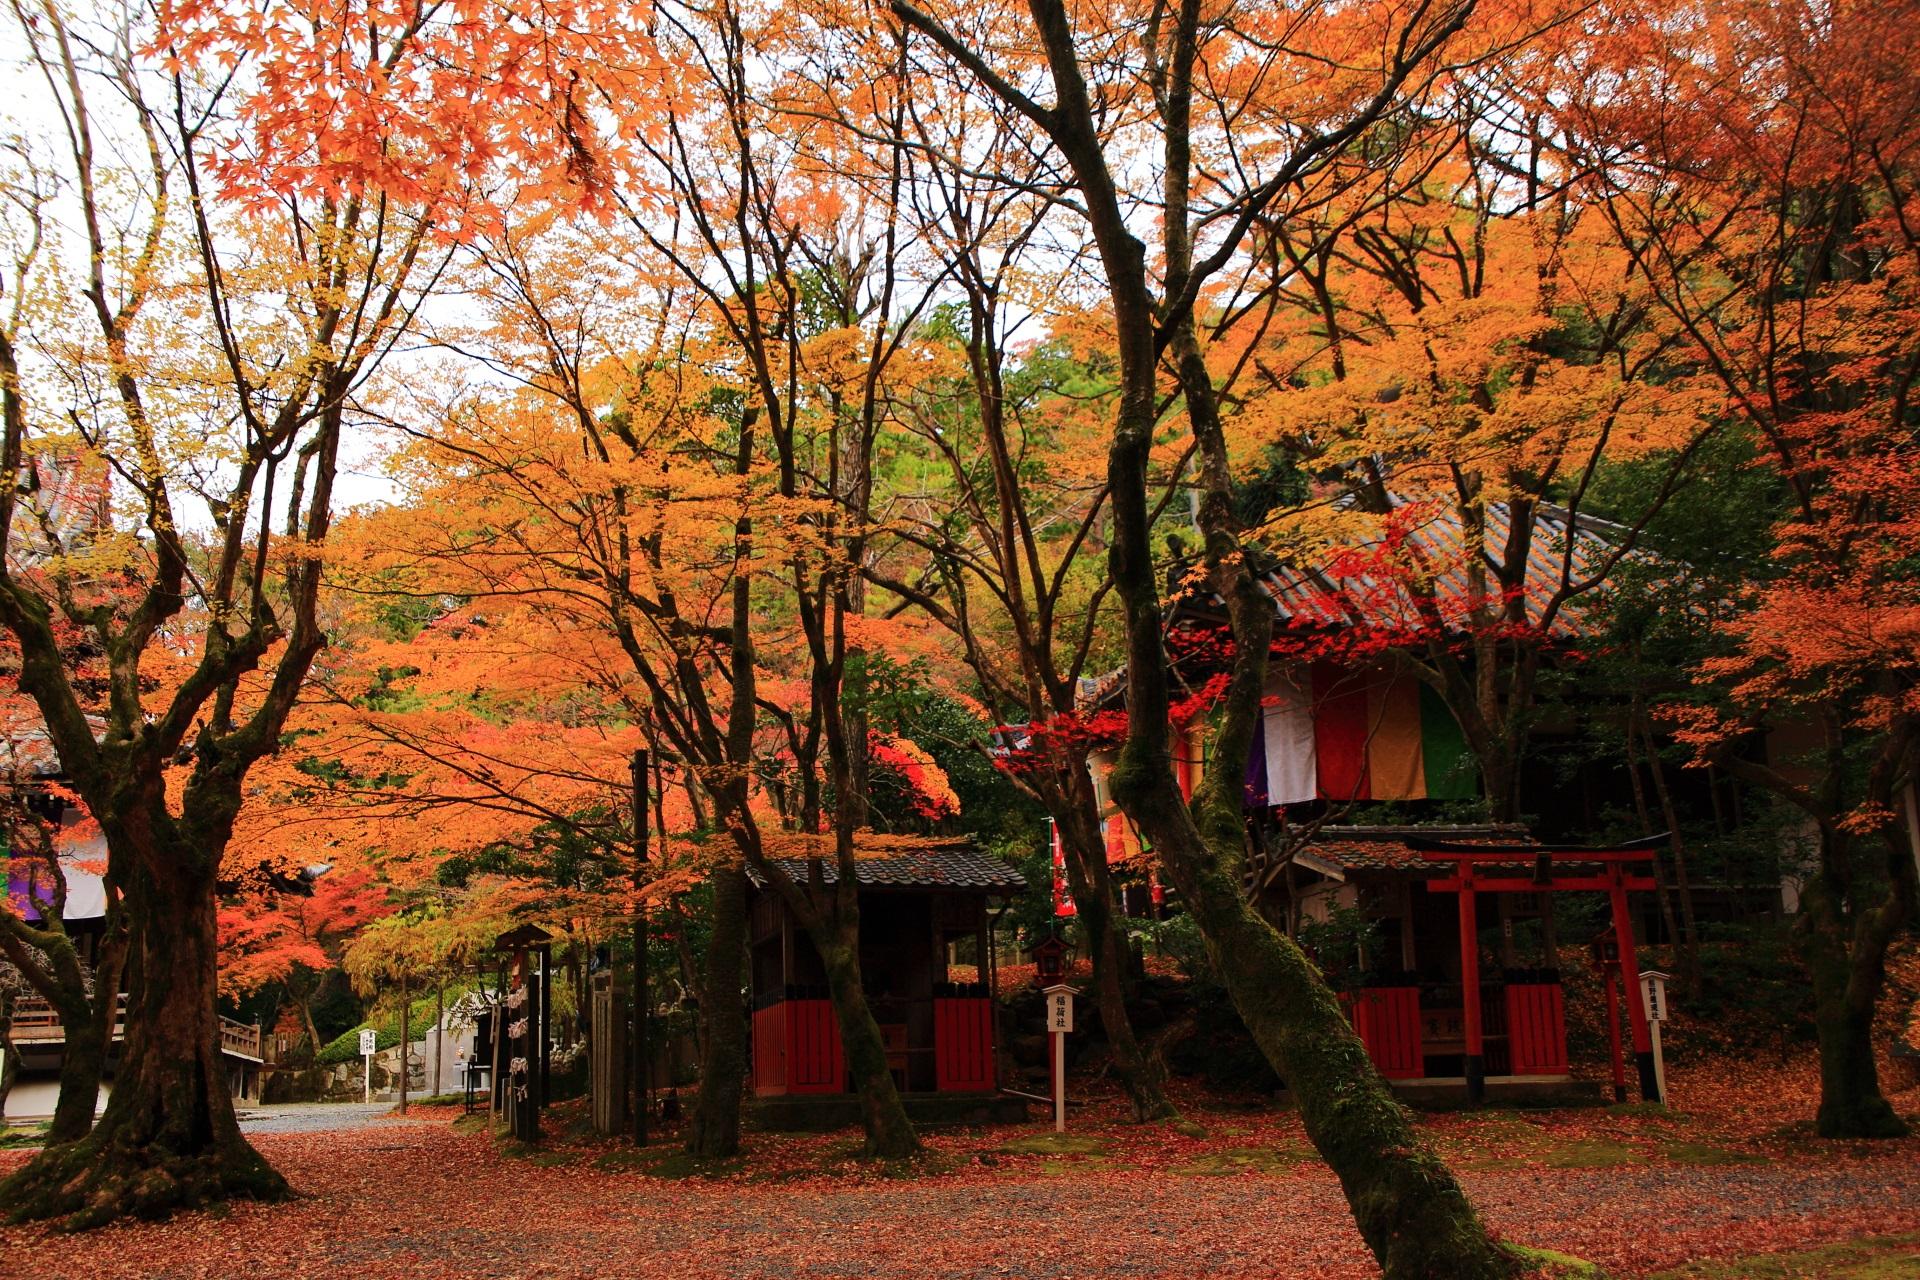 今熊野観音寺の素晴らしい紅葉と秋の情景